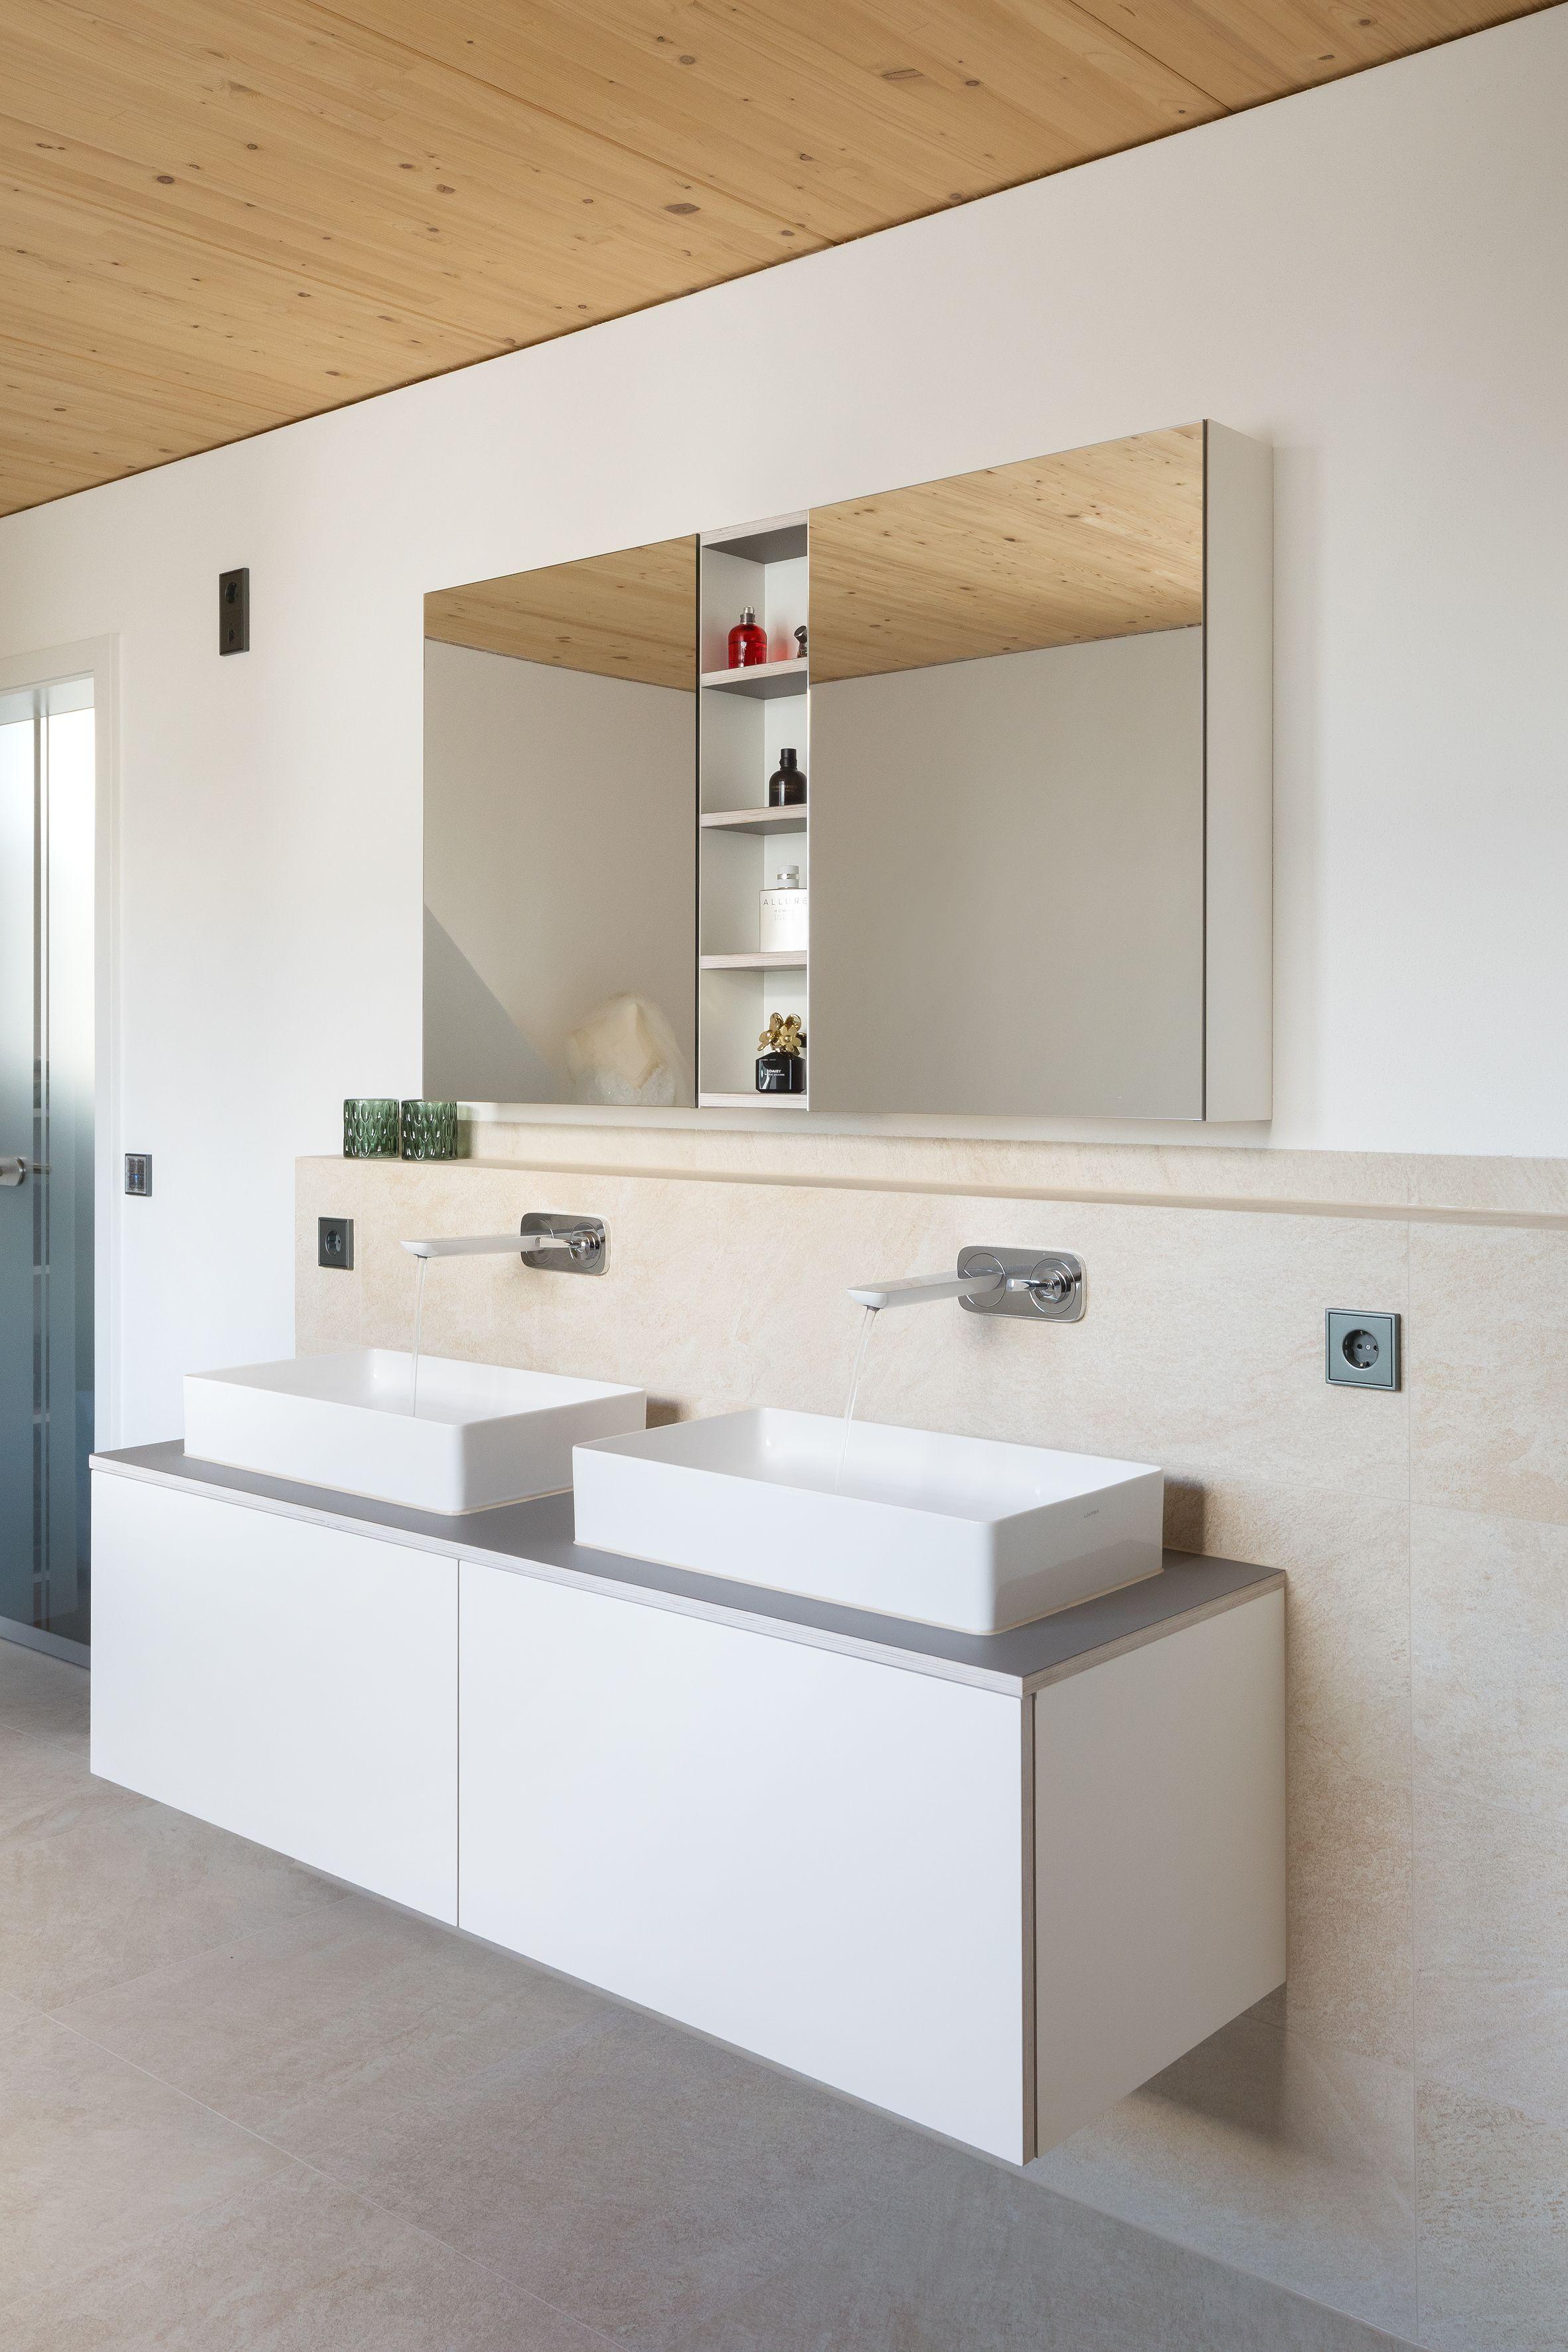 Waschbeckenunterschrank Weisses Badezimmer White Living Badezimmer Schrank Badezimmer Weisses Badezimmer Badezimmereinrichtung